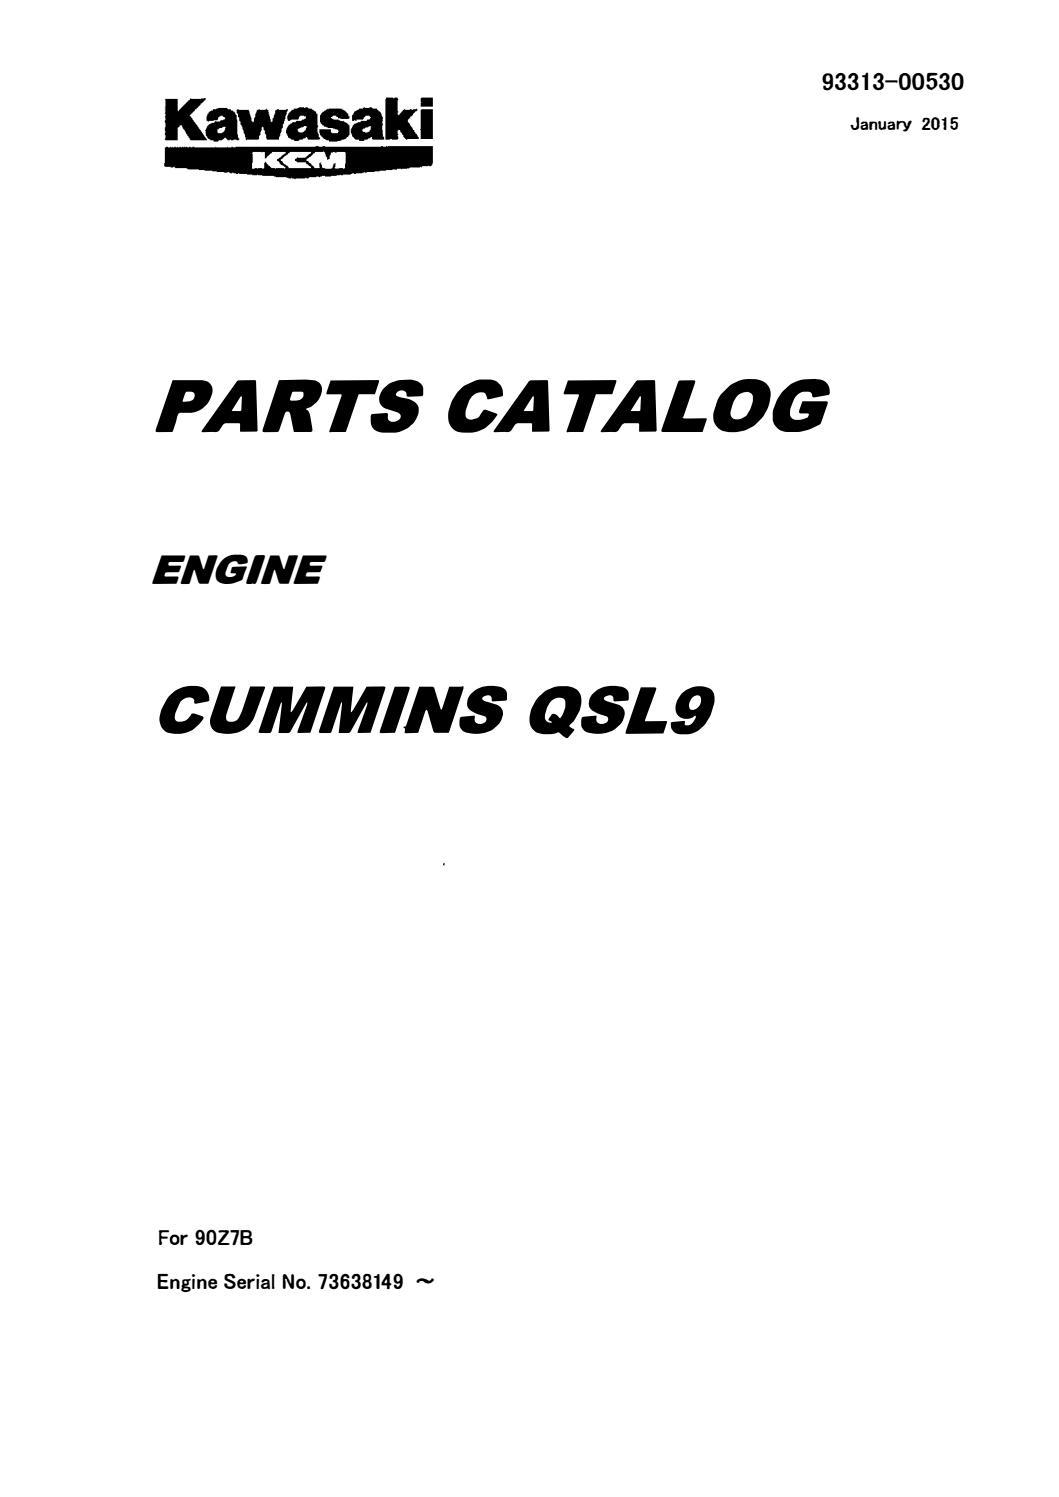 Kawasaki Cummins QSL9 Engine Parts Catalog Manual by